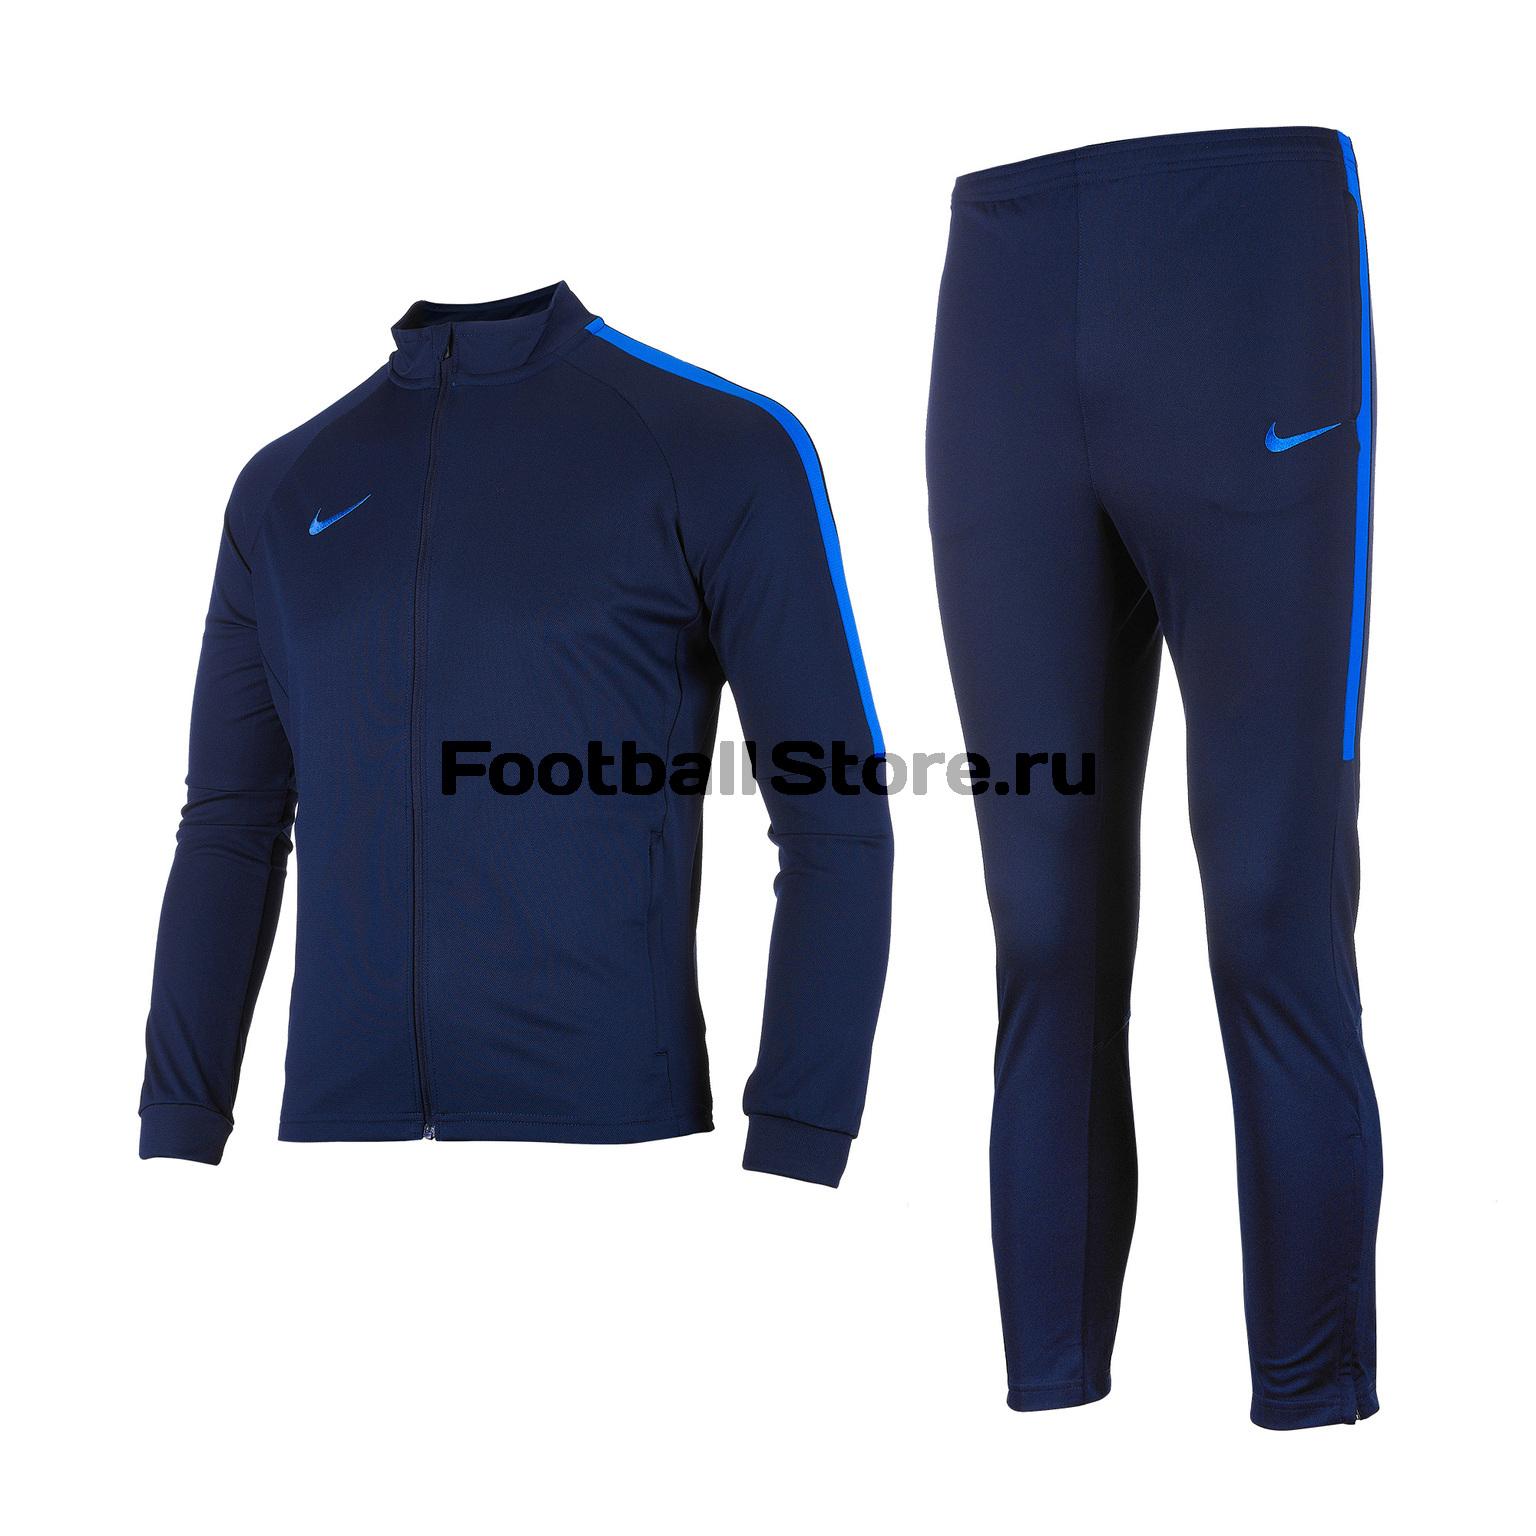 Костюм спортивный подростковый Nike Dry Academy TRK Suit 844714-458